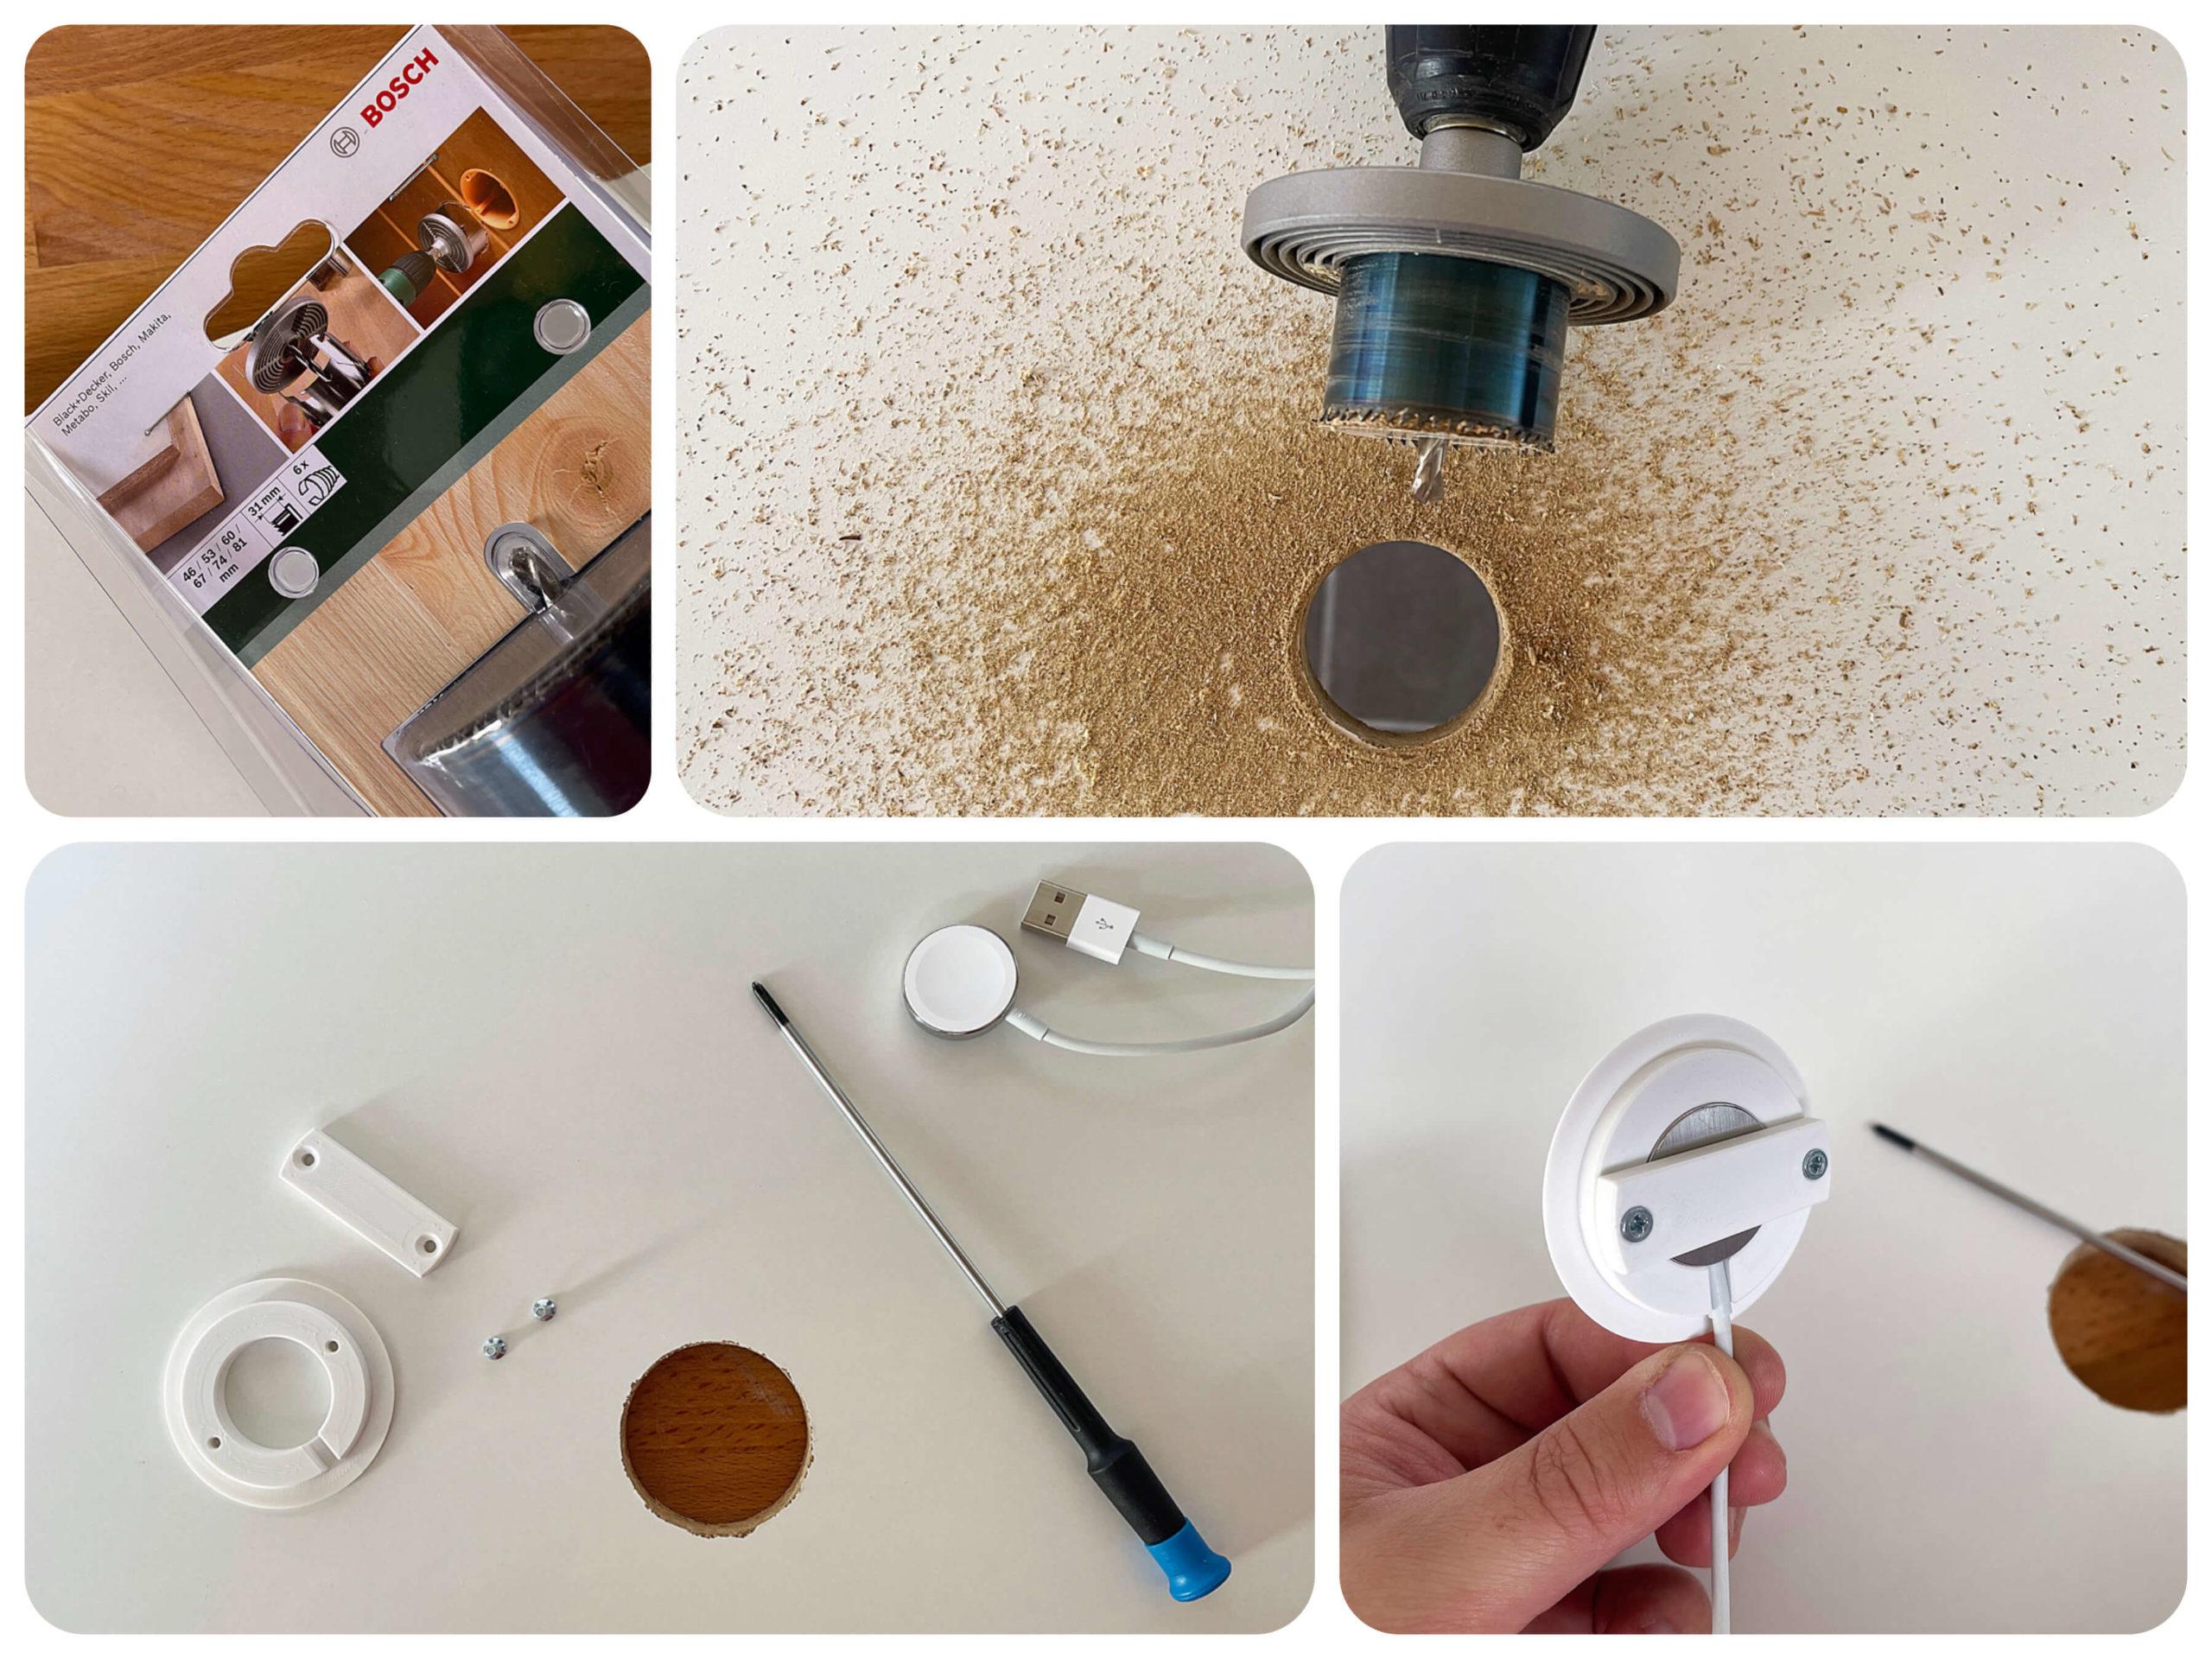 Anleitung-Apple-Watch-kabellos-ueber-Moebeloberflaeche-aufladen2-scaled Anleitung: Apple Watch kabellos und flach über Möbeloberfläche aufladen